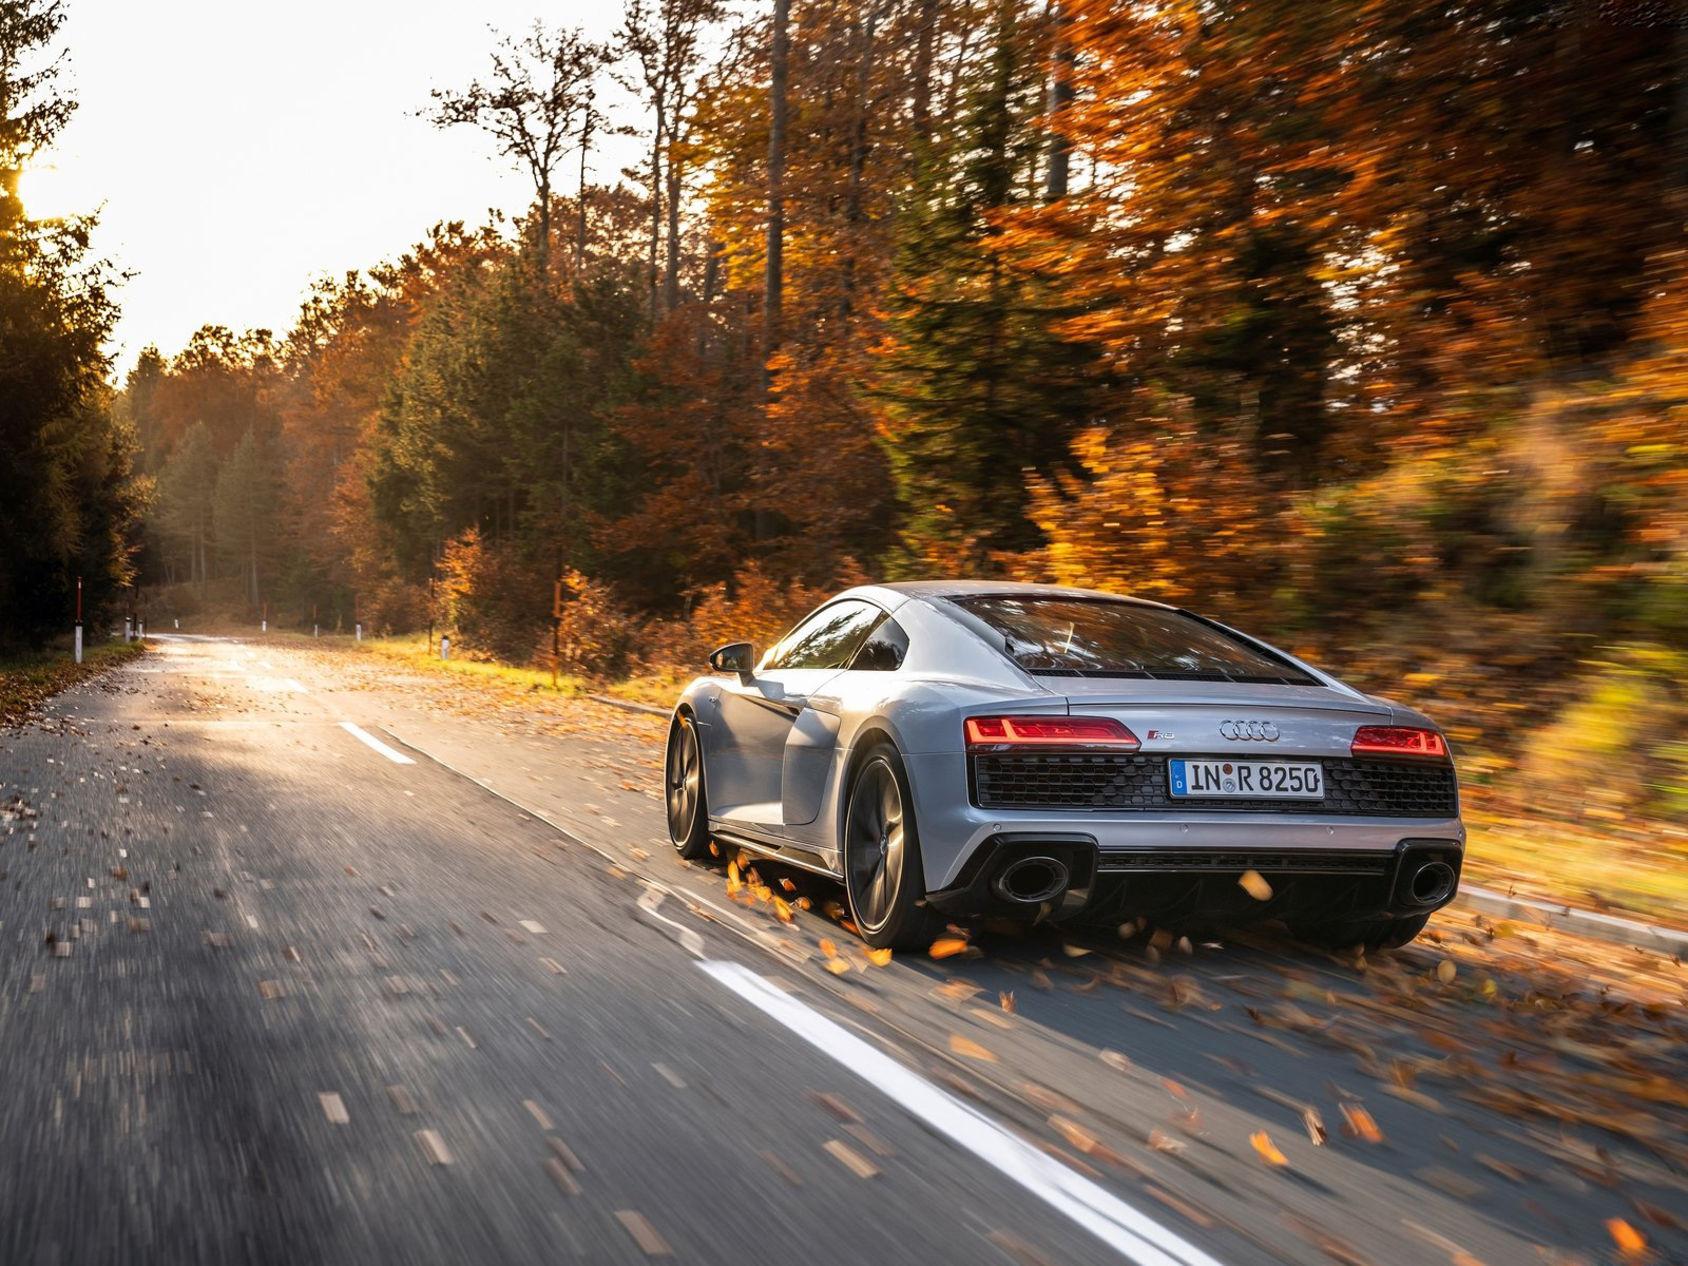 Nu kan du få nya Audi R8 med bara bakhjulsdrift